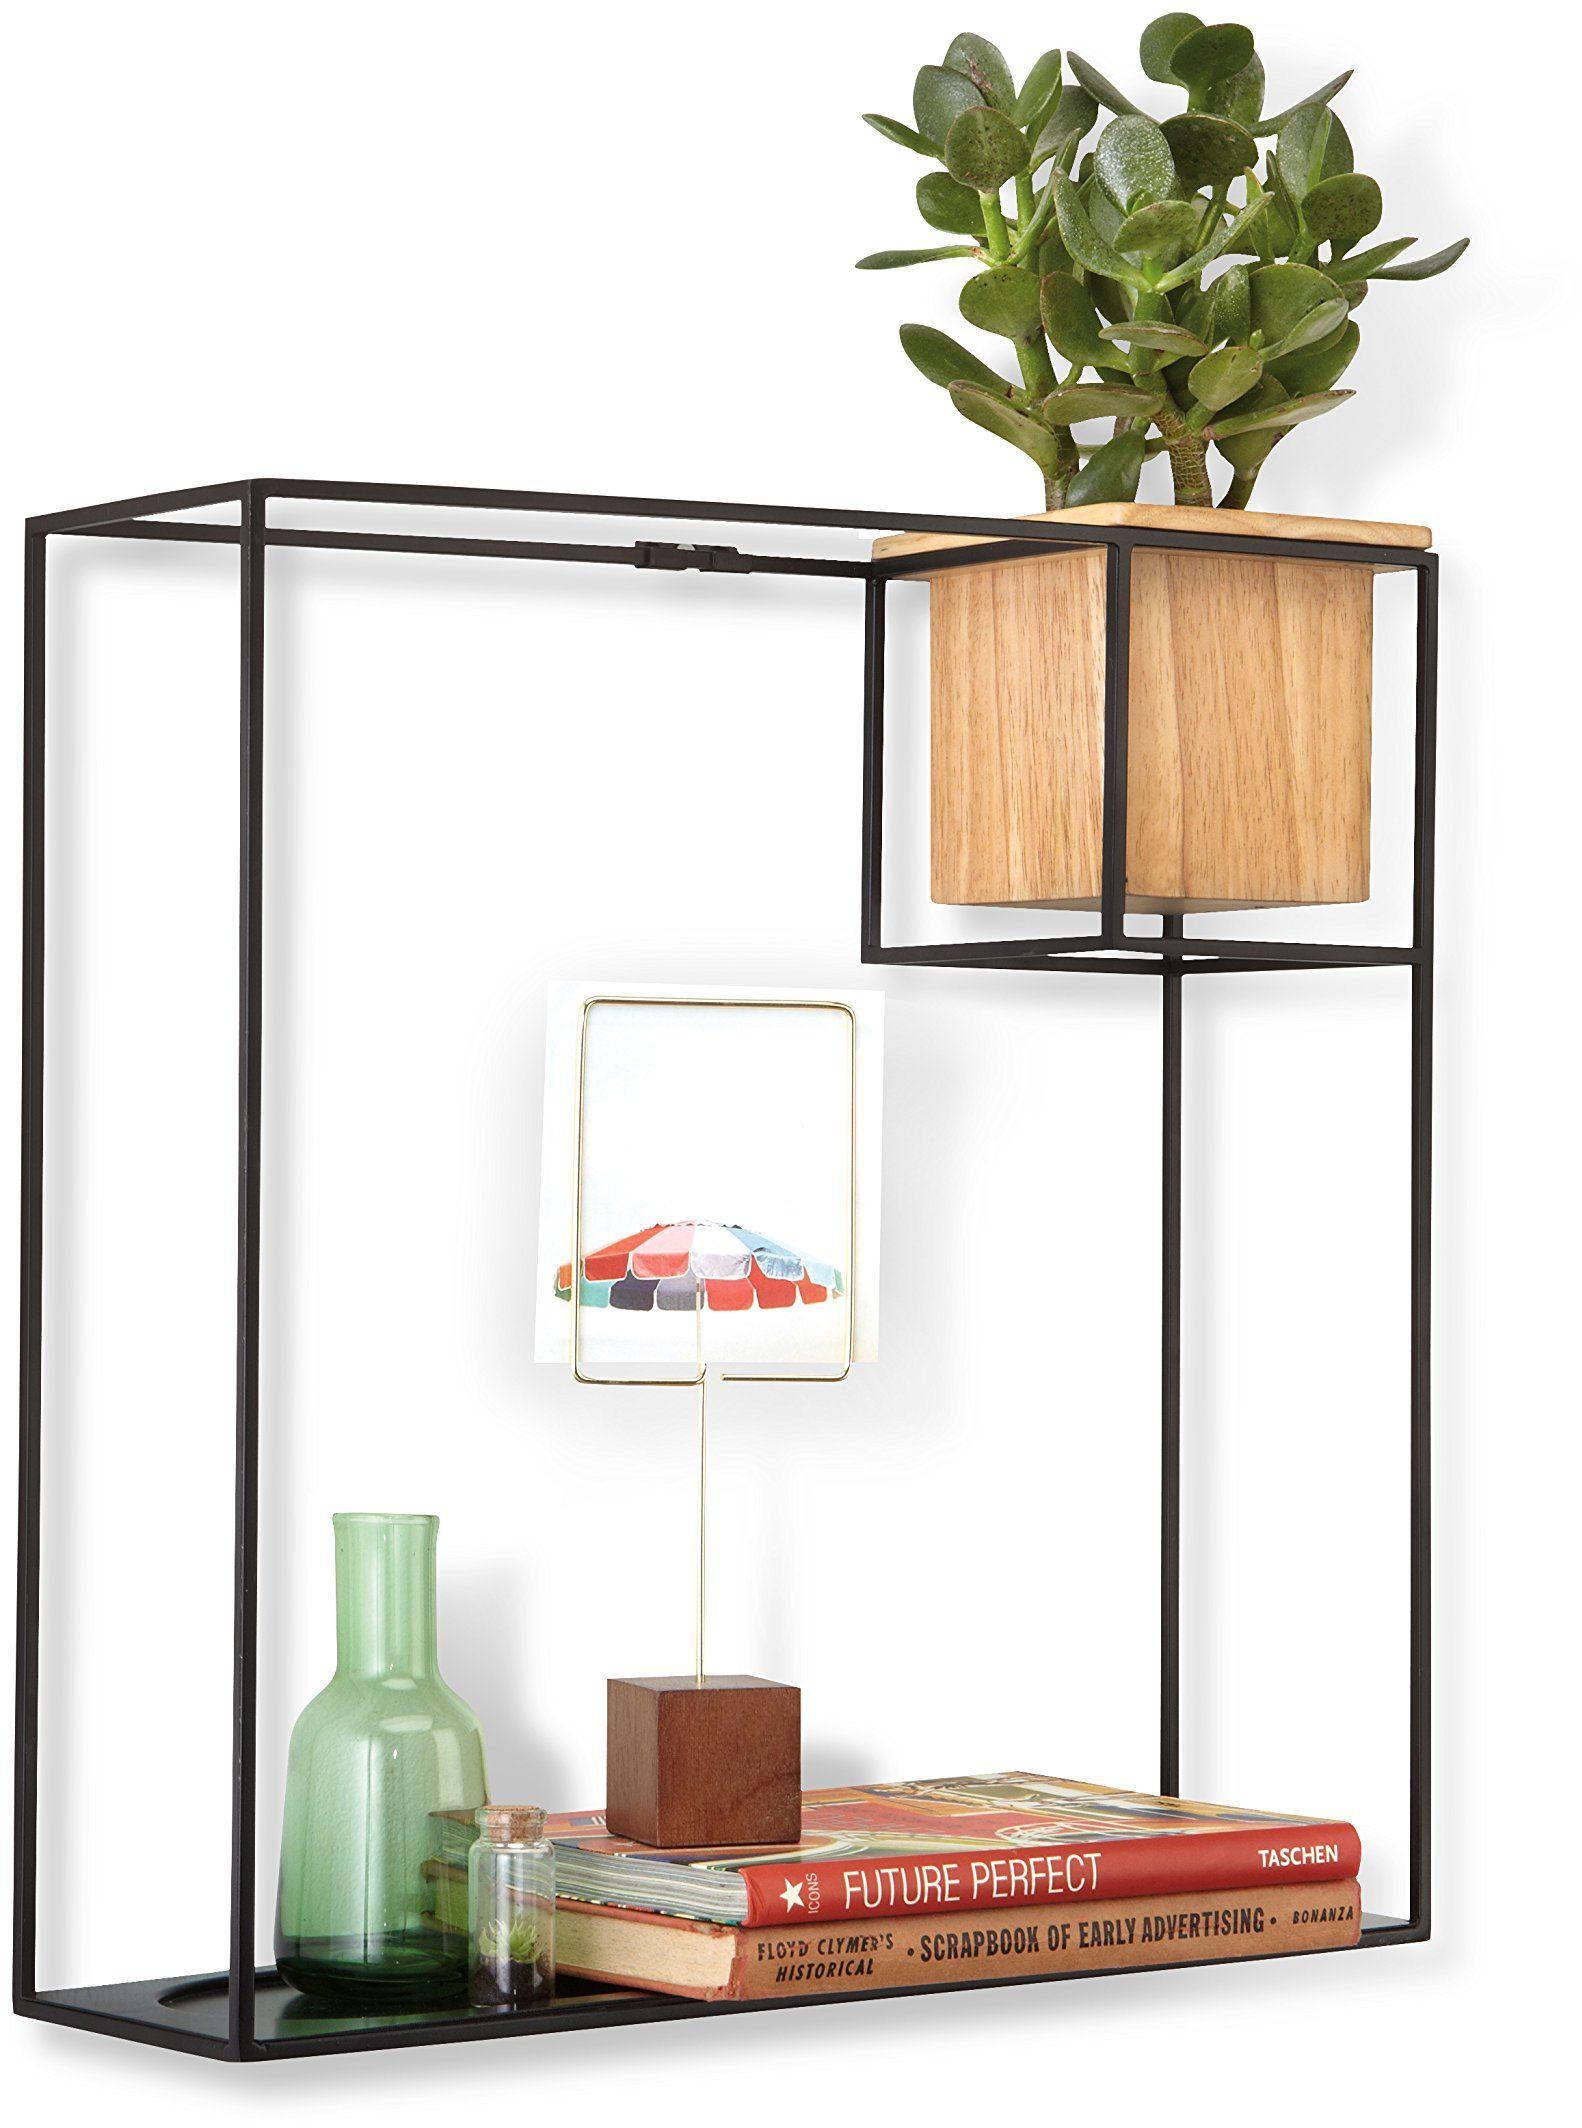 Umbra Cubist pływająca półka z wbudowaną doniczką na sukulent  nowoczesna dekoracja ścienna i geometryczna półka na książki, świece, notatki, zdjęcia, rośliny domowe i wiele więcej! duża, czarna